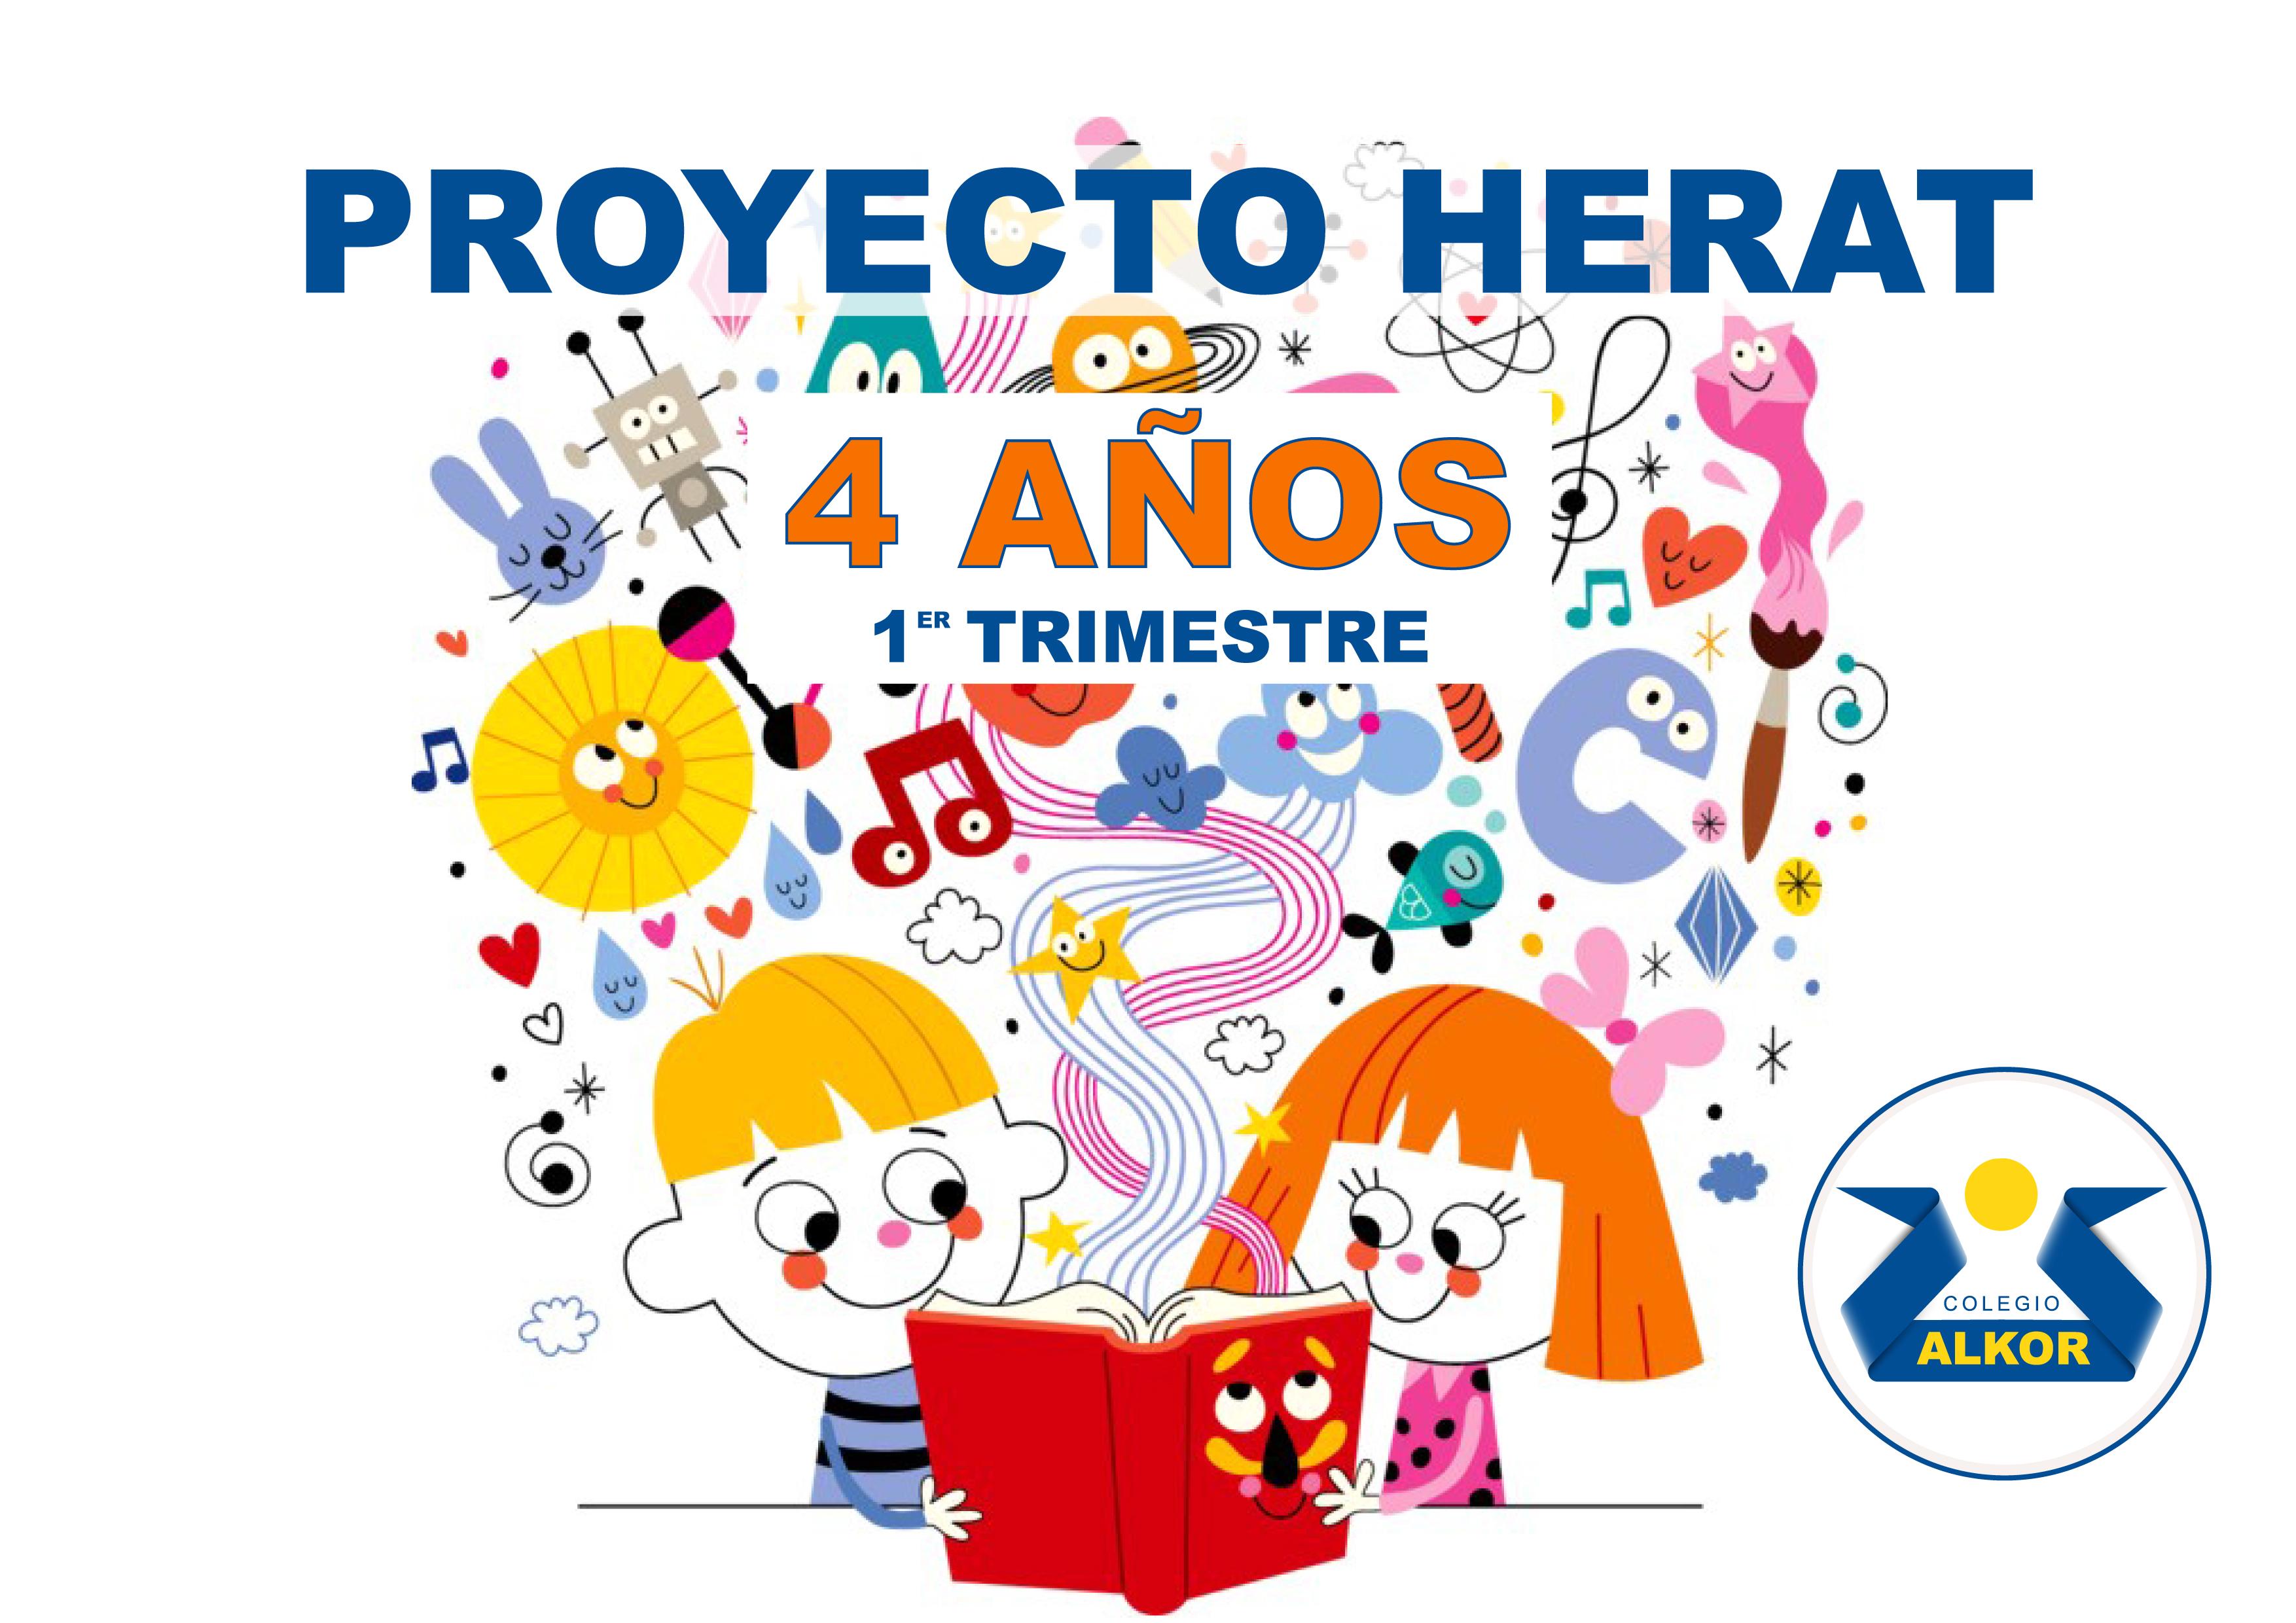 HERAT PRIMER TRIMESTRE 4 AÑOS